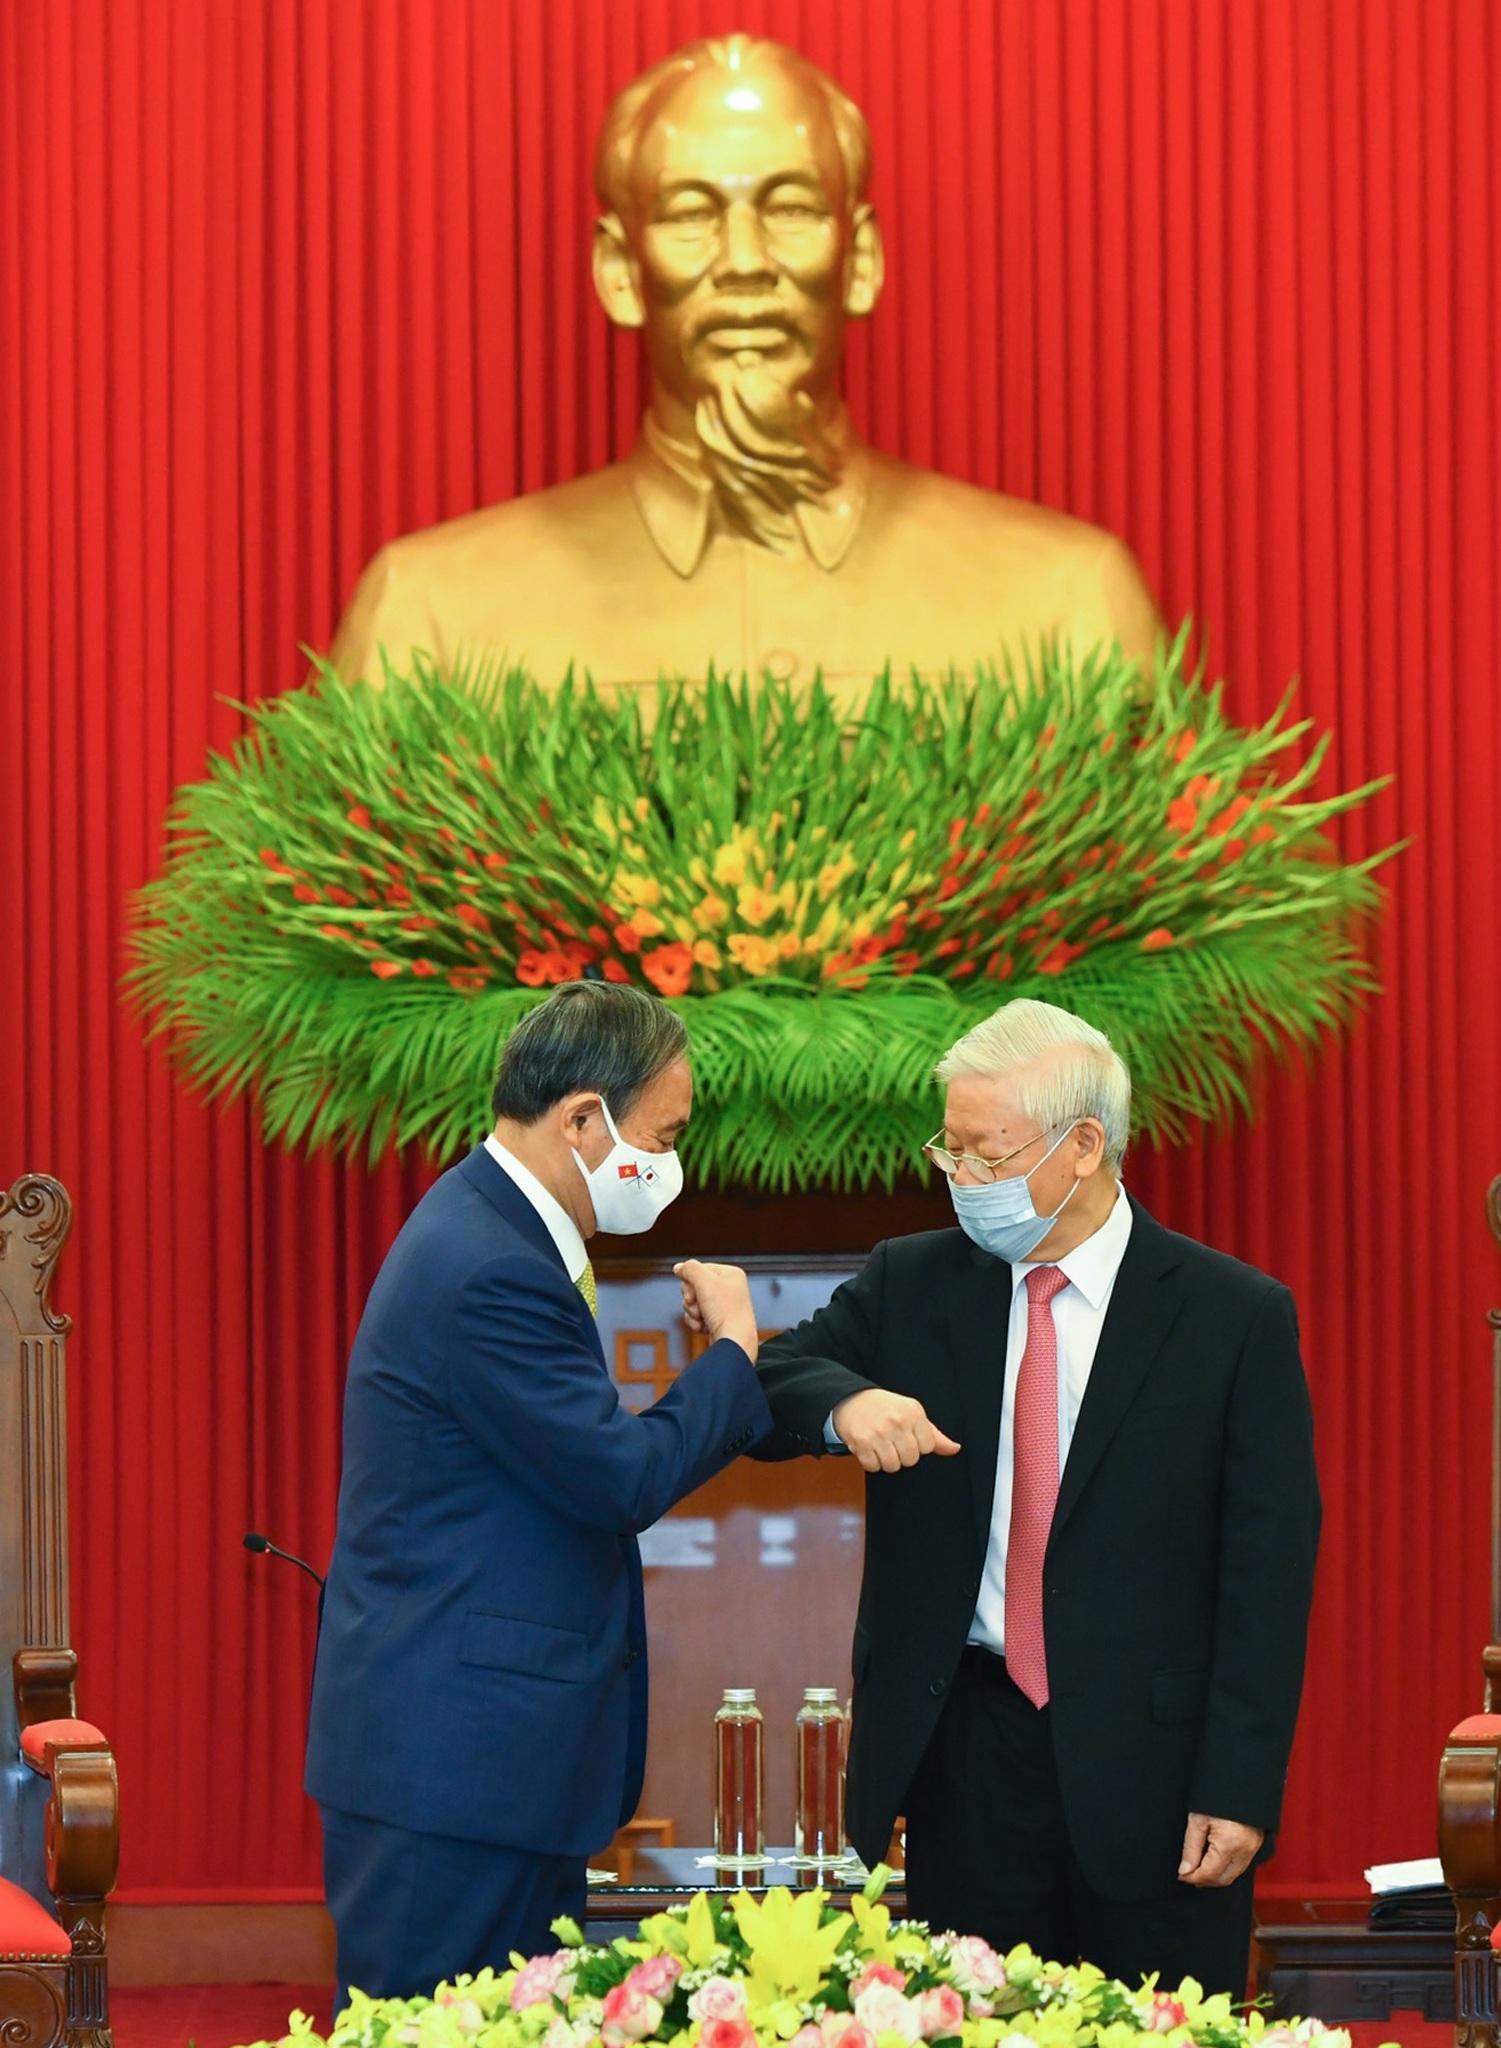 Tổng Bí thư, Chủ tịch nước Nguyễn Phú Trọng tiếp Thủ tướng Nhật Bản - 1